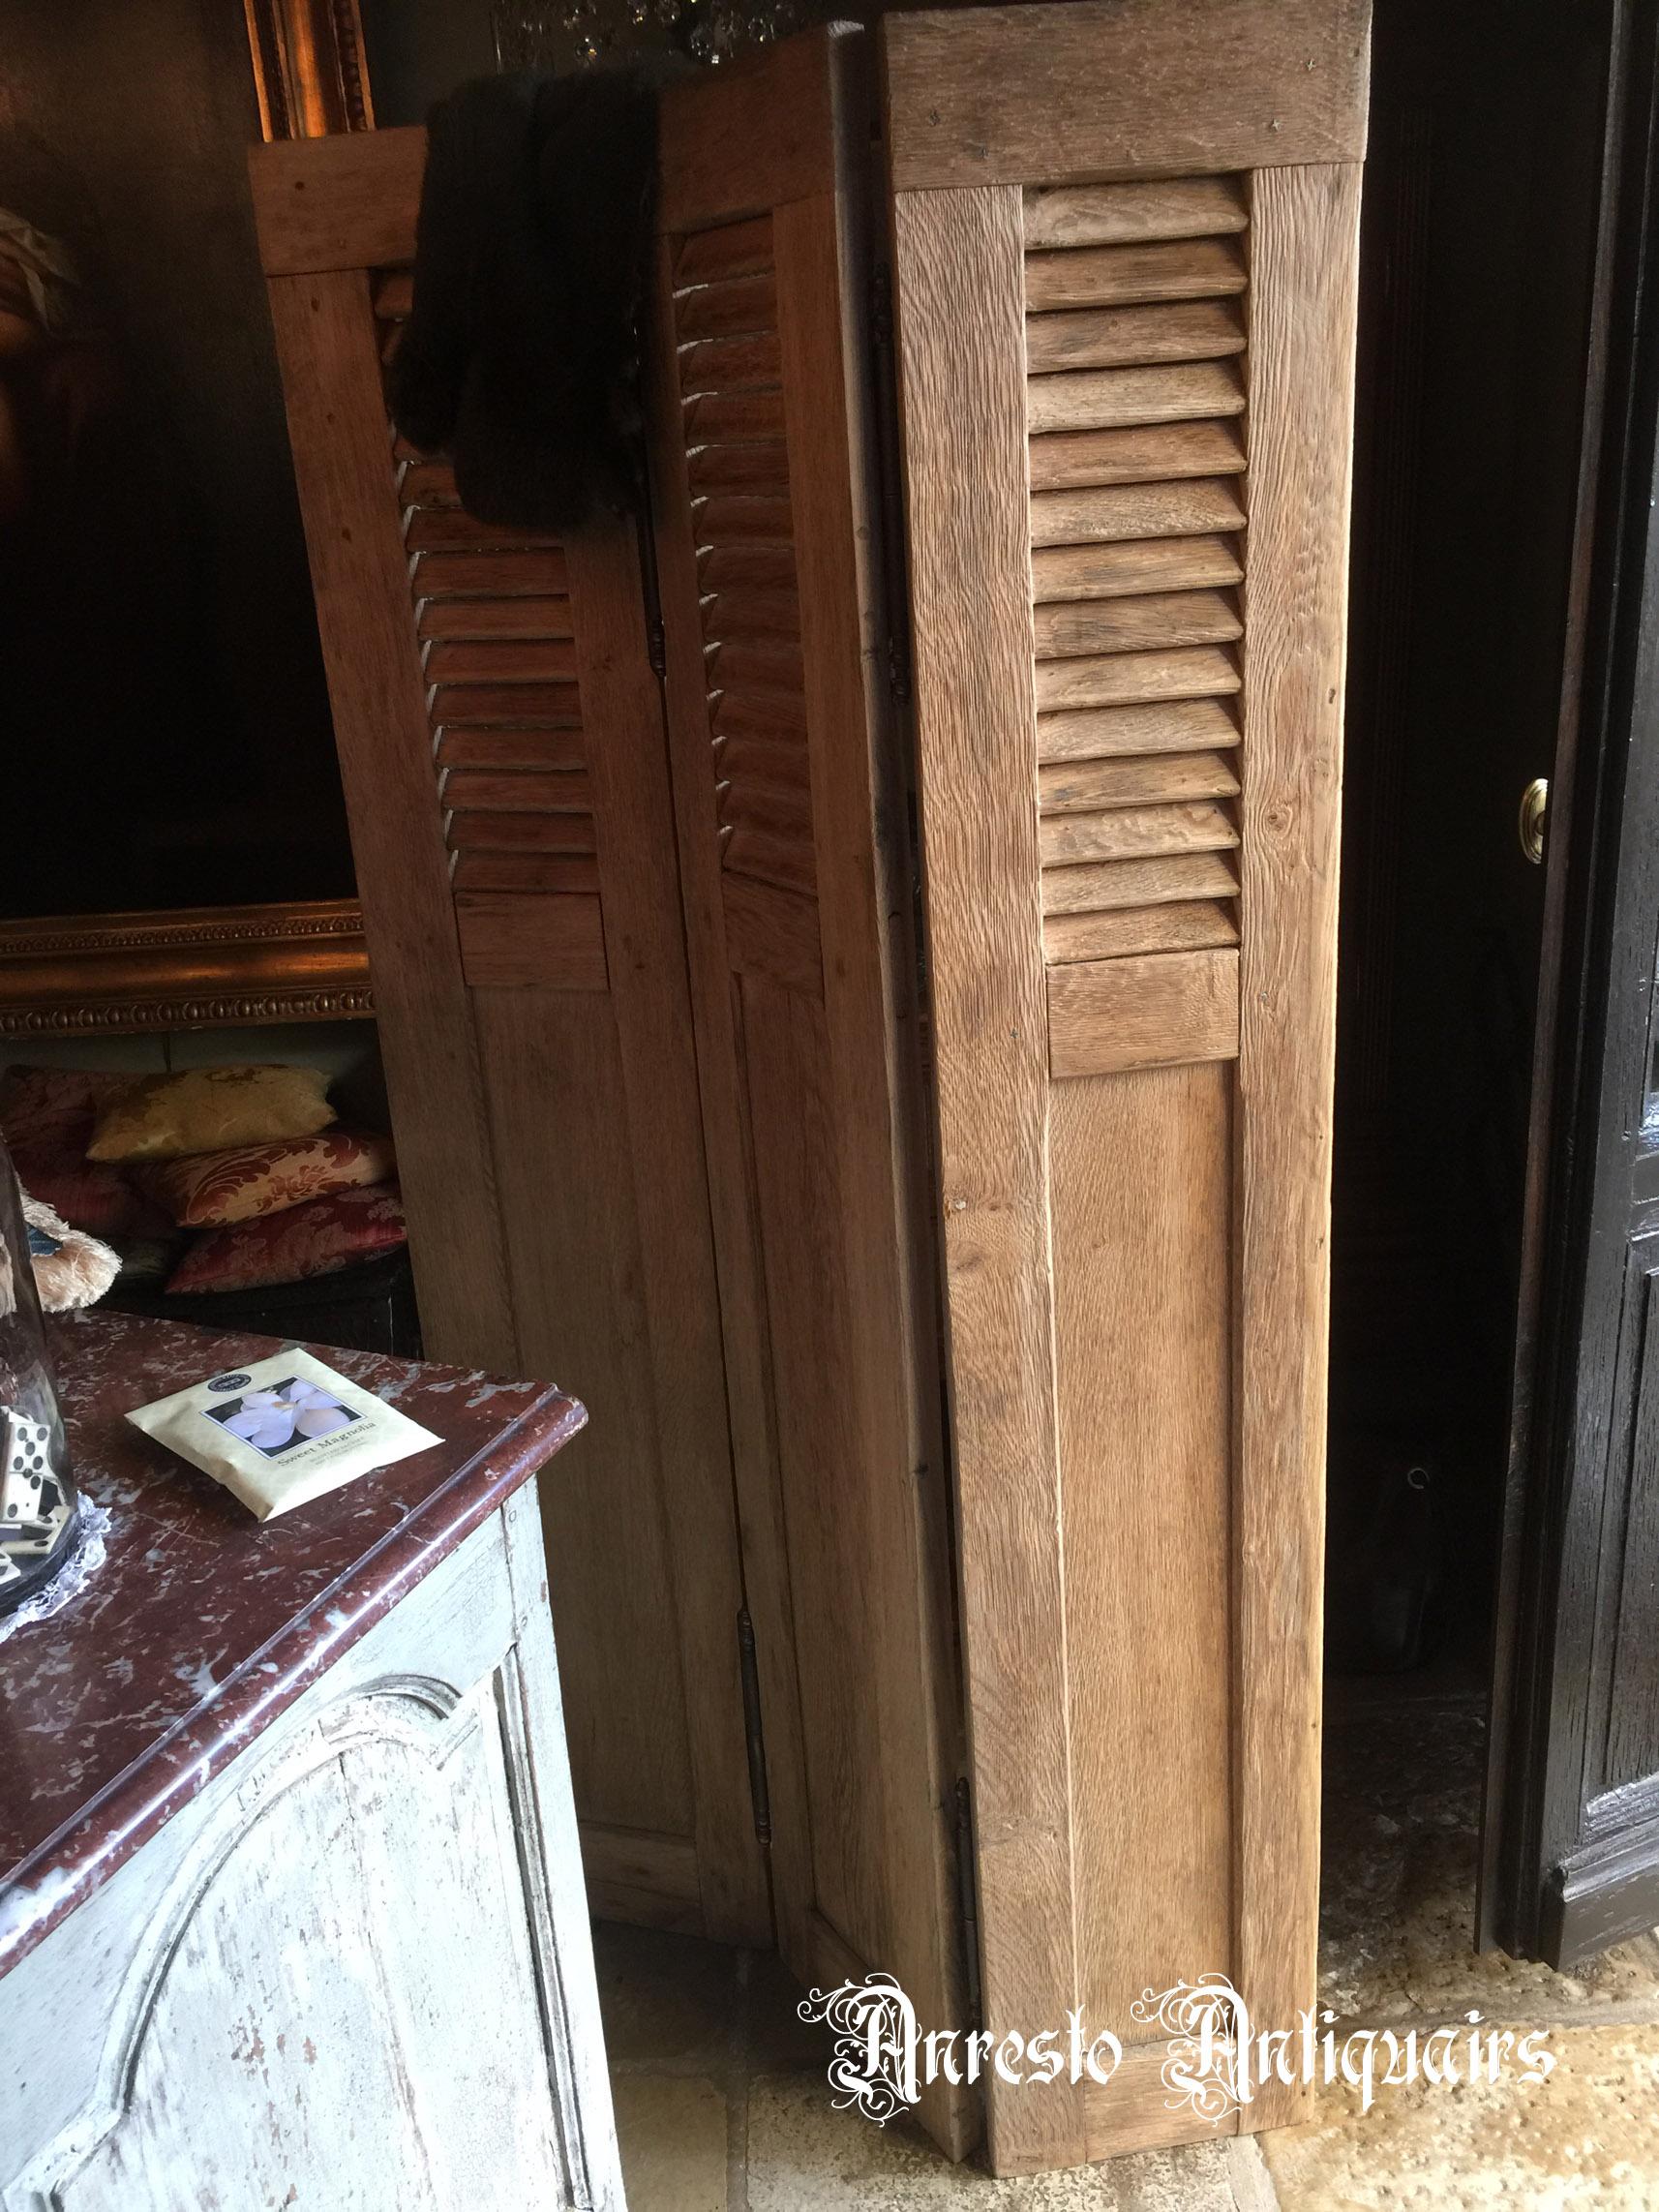 Ref. 19 – Exclusieve binnenluiken op maat uit oud hout